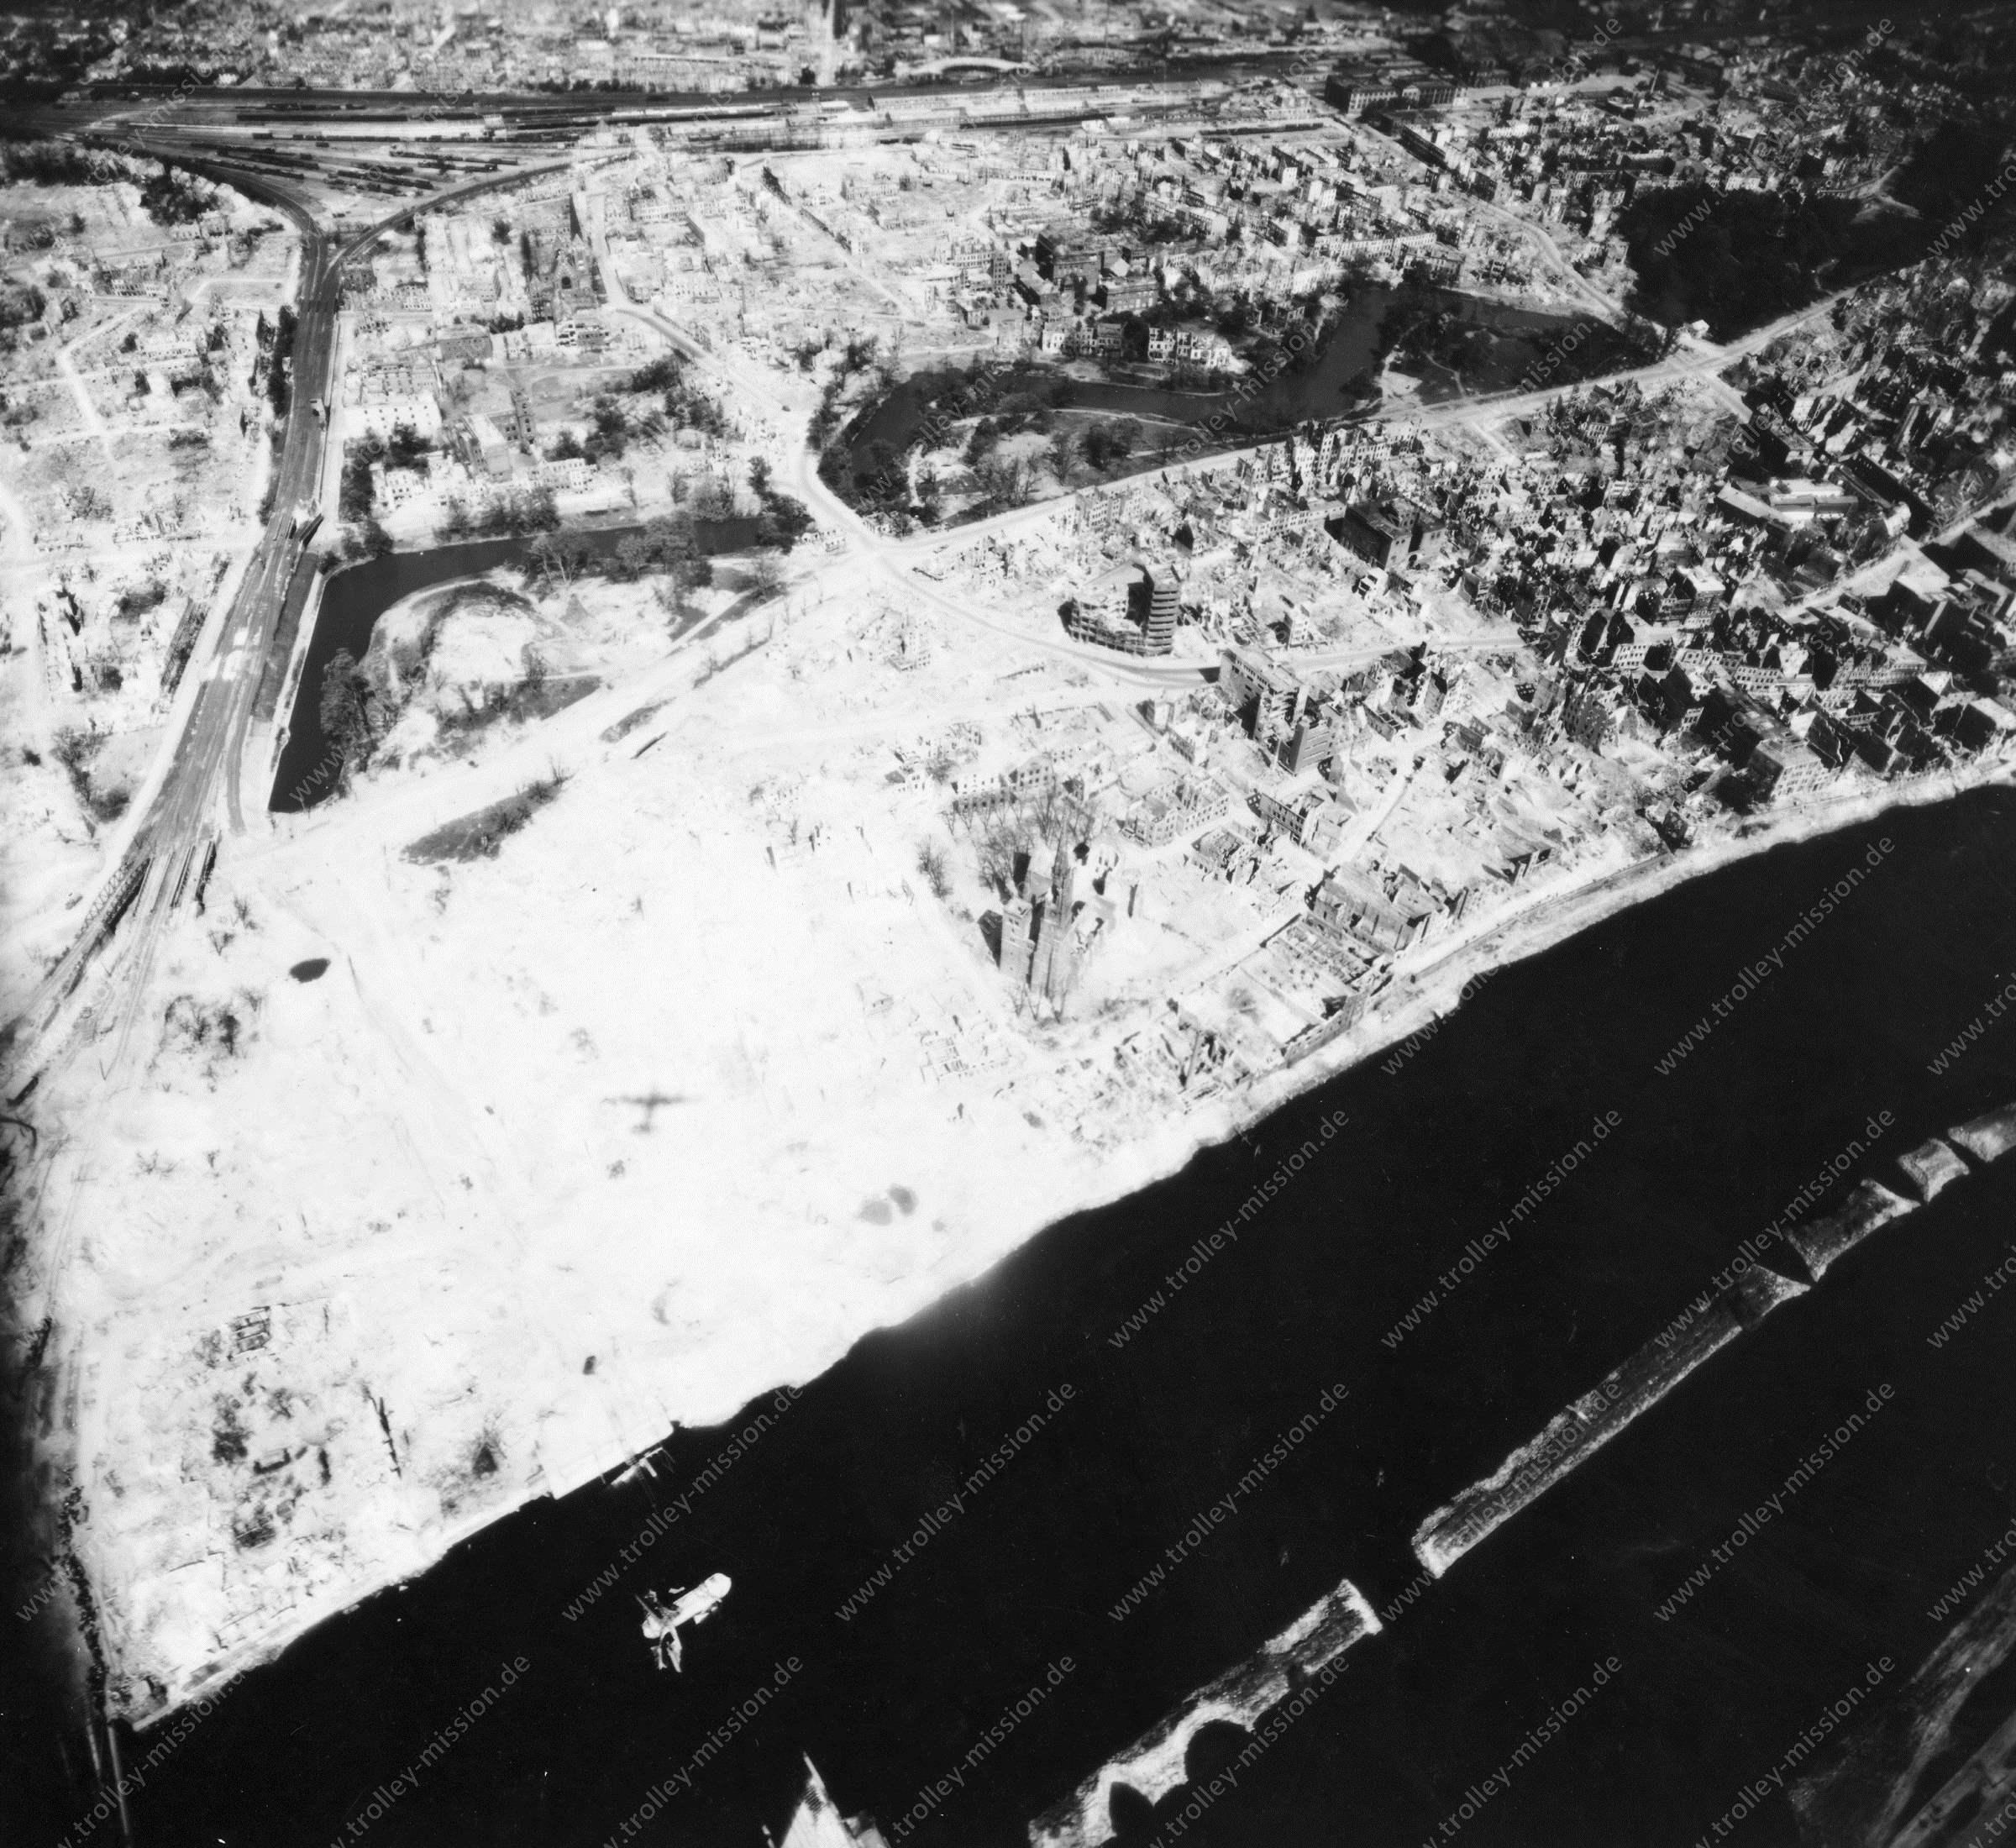 Luftbild von Bremen am 12. Mai 1945 - Luftbildserie 10/12 der US Air Force